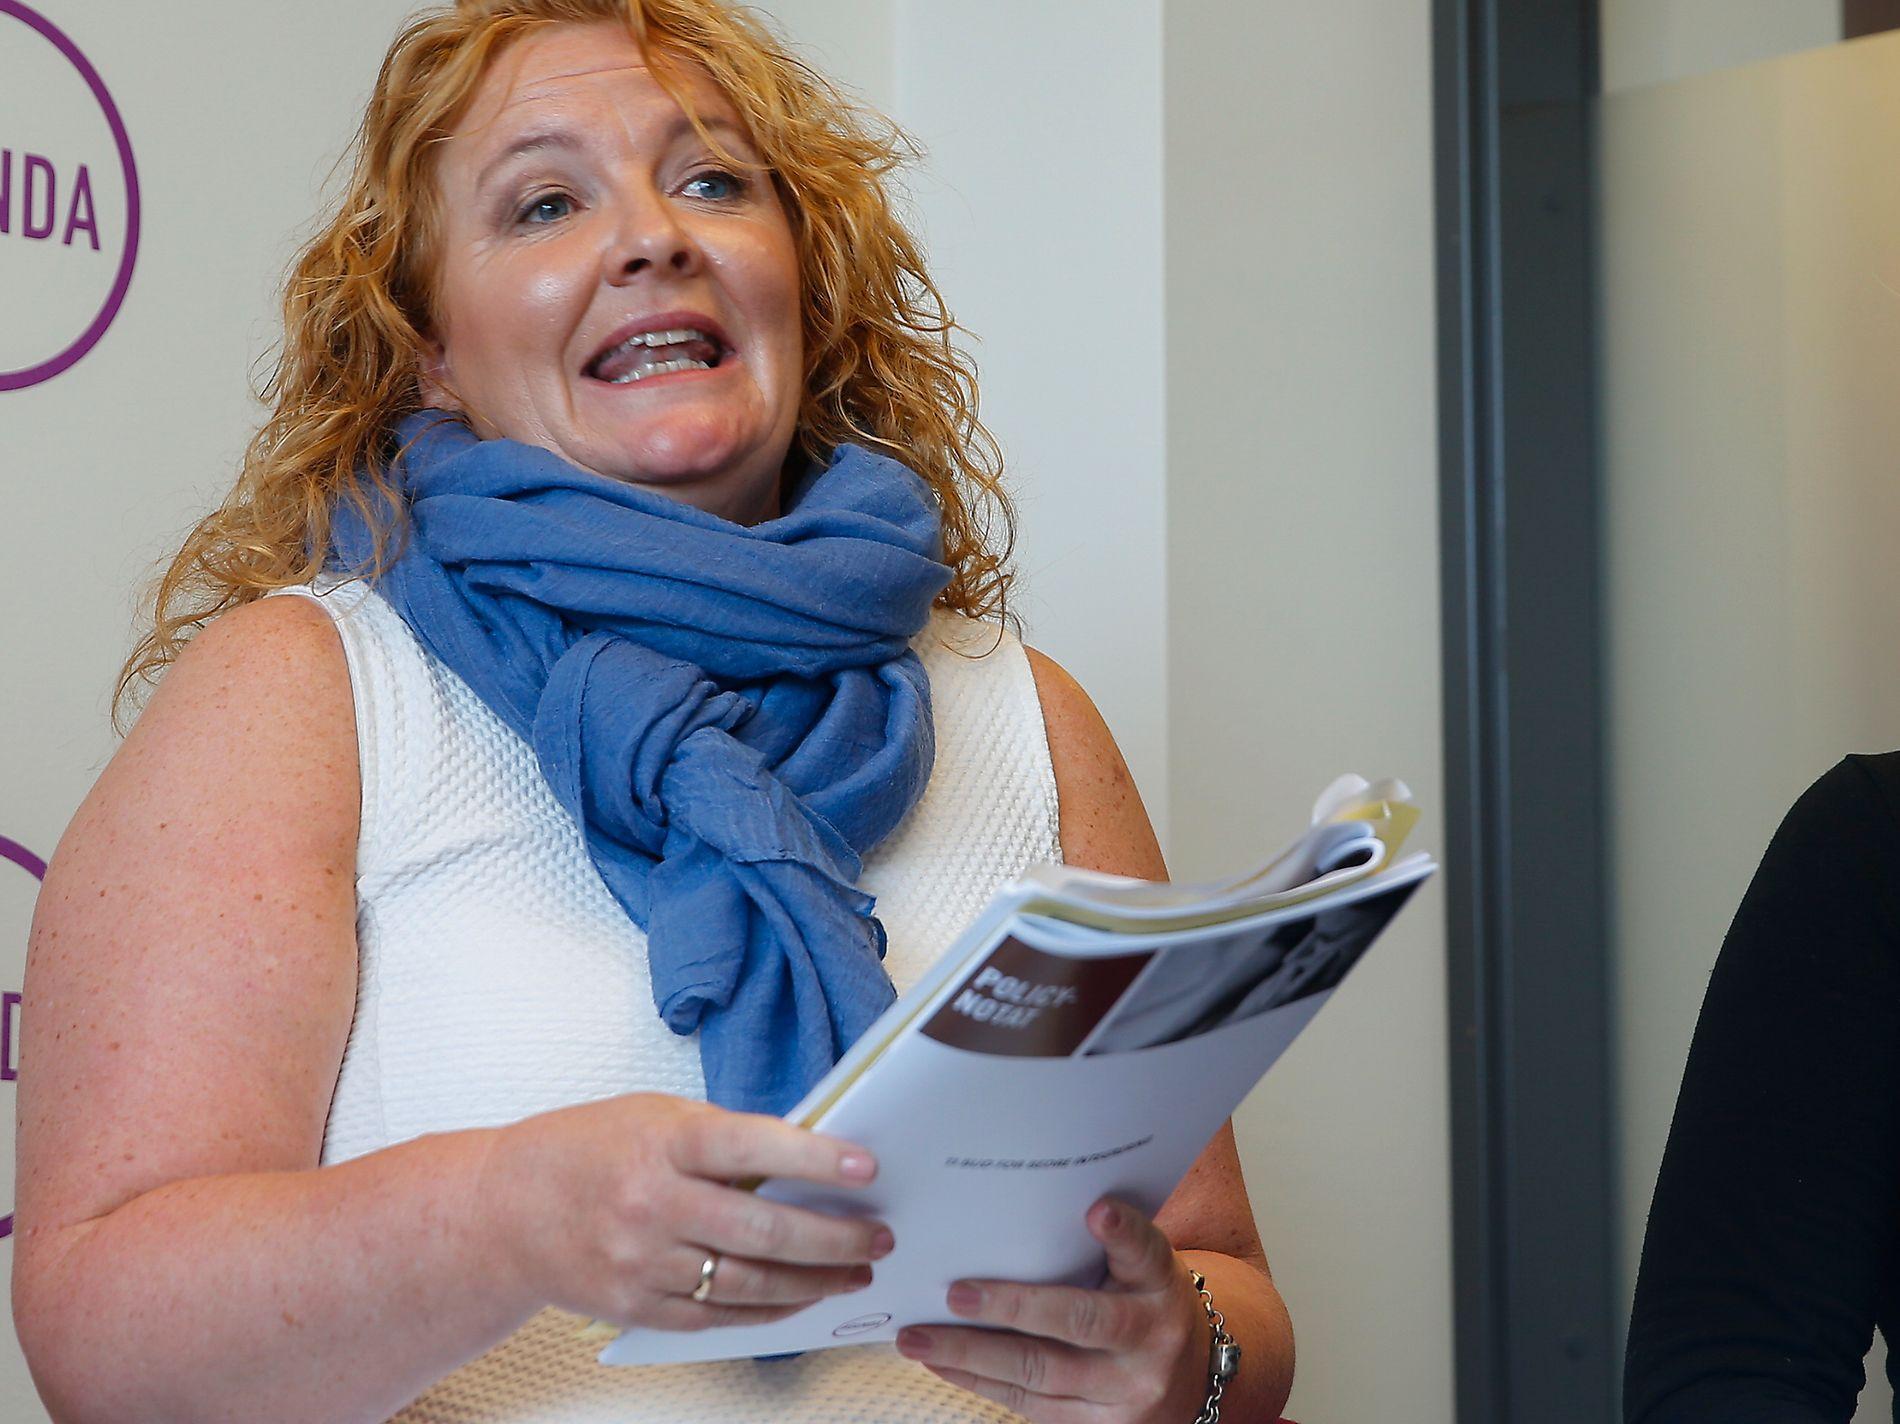 UENIG: Nestleder i KrF, Dagrun Eriksen, er sterkt imot Høyre-toppenes forslag om fjerning av barnetrygd til fordel for gratis barnehage og SFO. Arkivfoto: TERJE PEDERSEN/SCANPIX